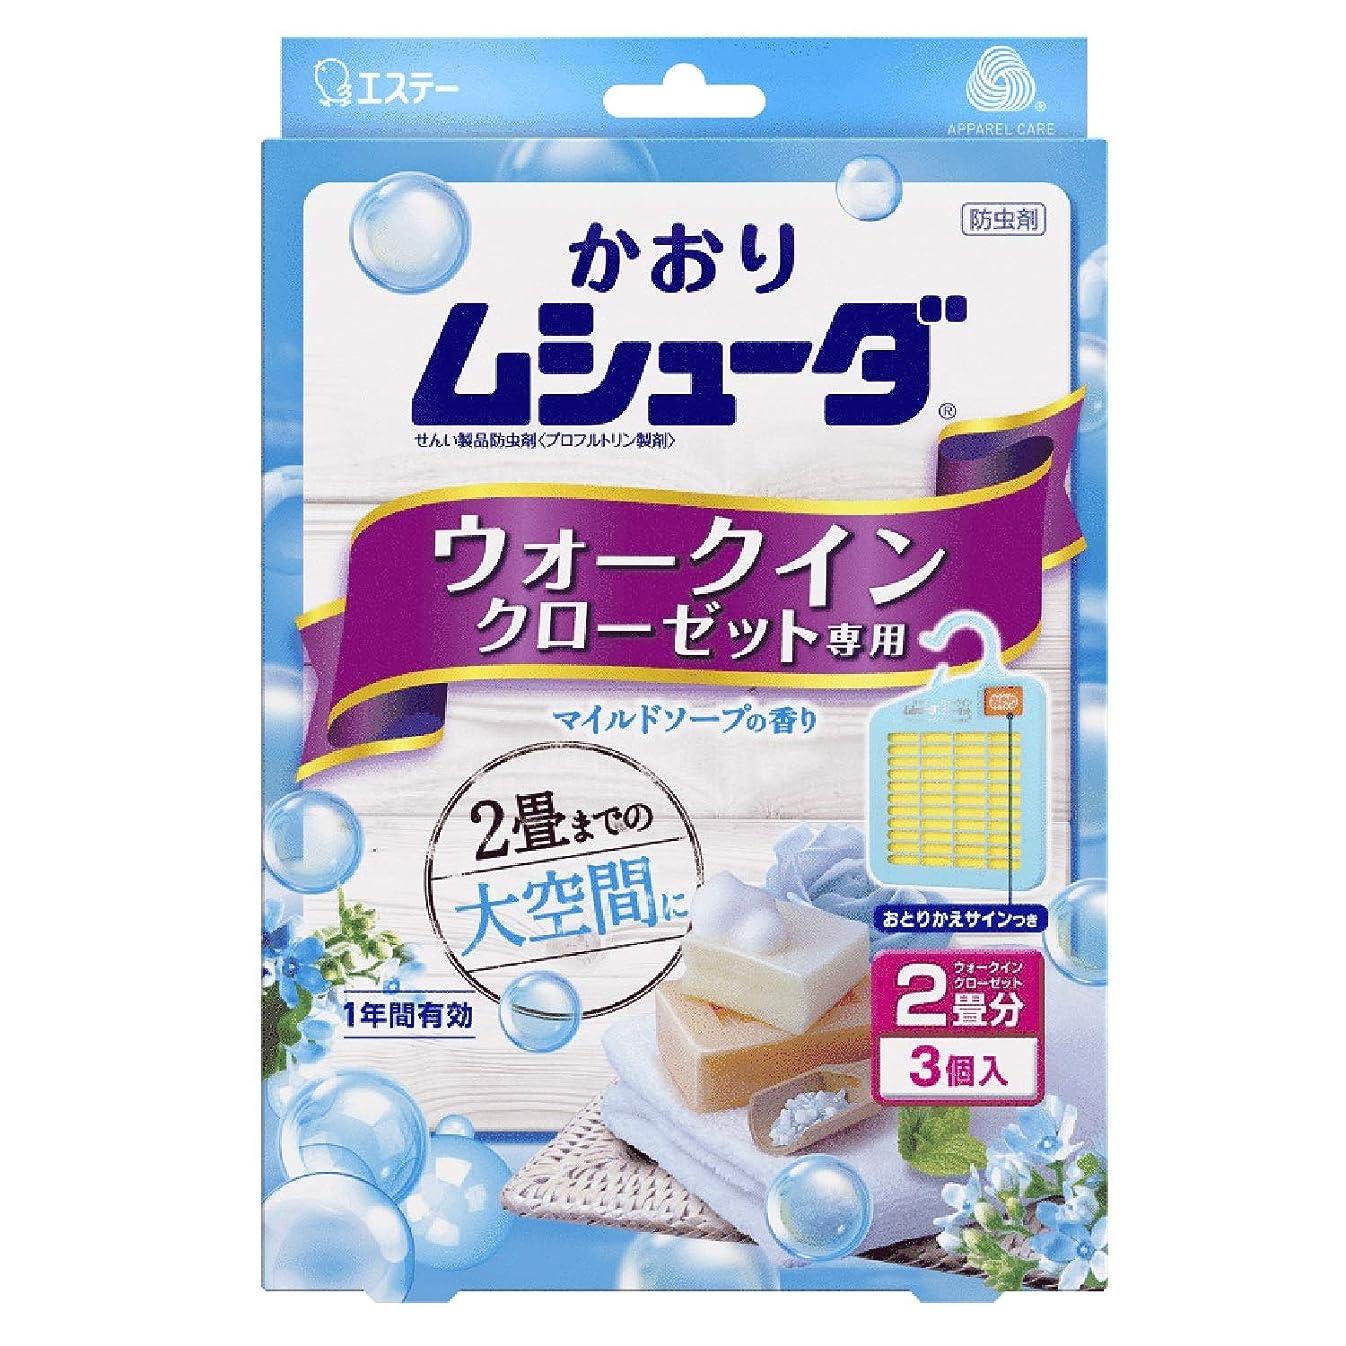 手配する経由で試用かおりムシューダ 1年間有効 防虫剤 ウォークインクローゼット専用 3個入 マイルドソープの香り